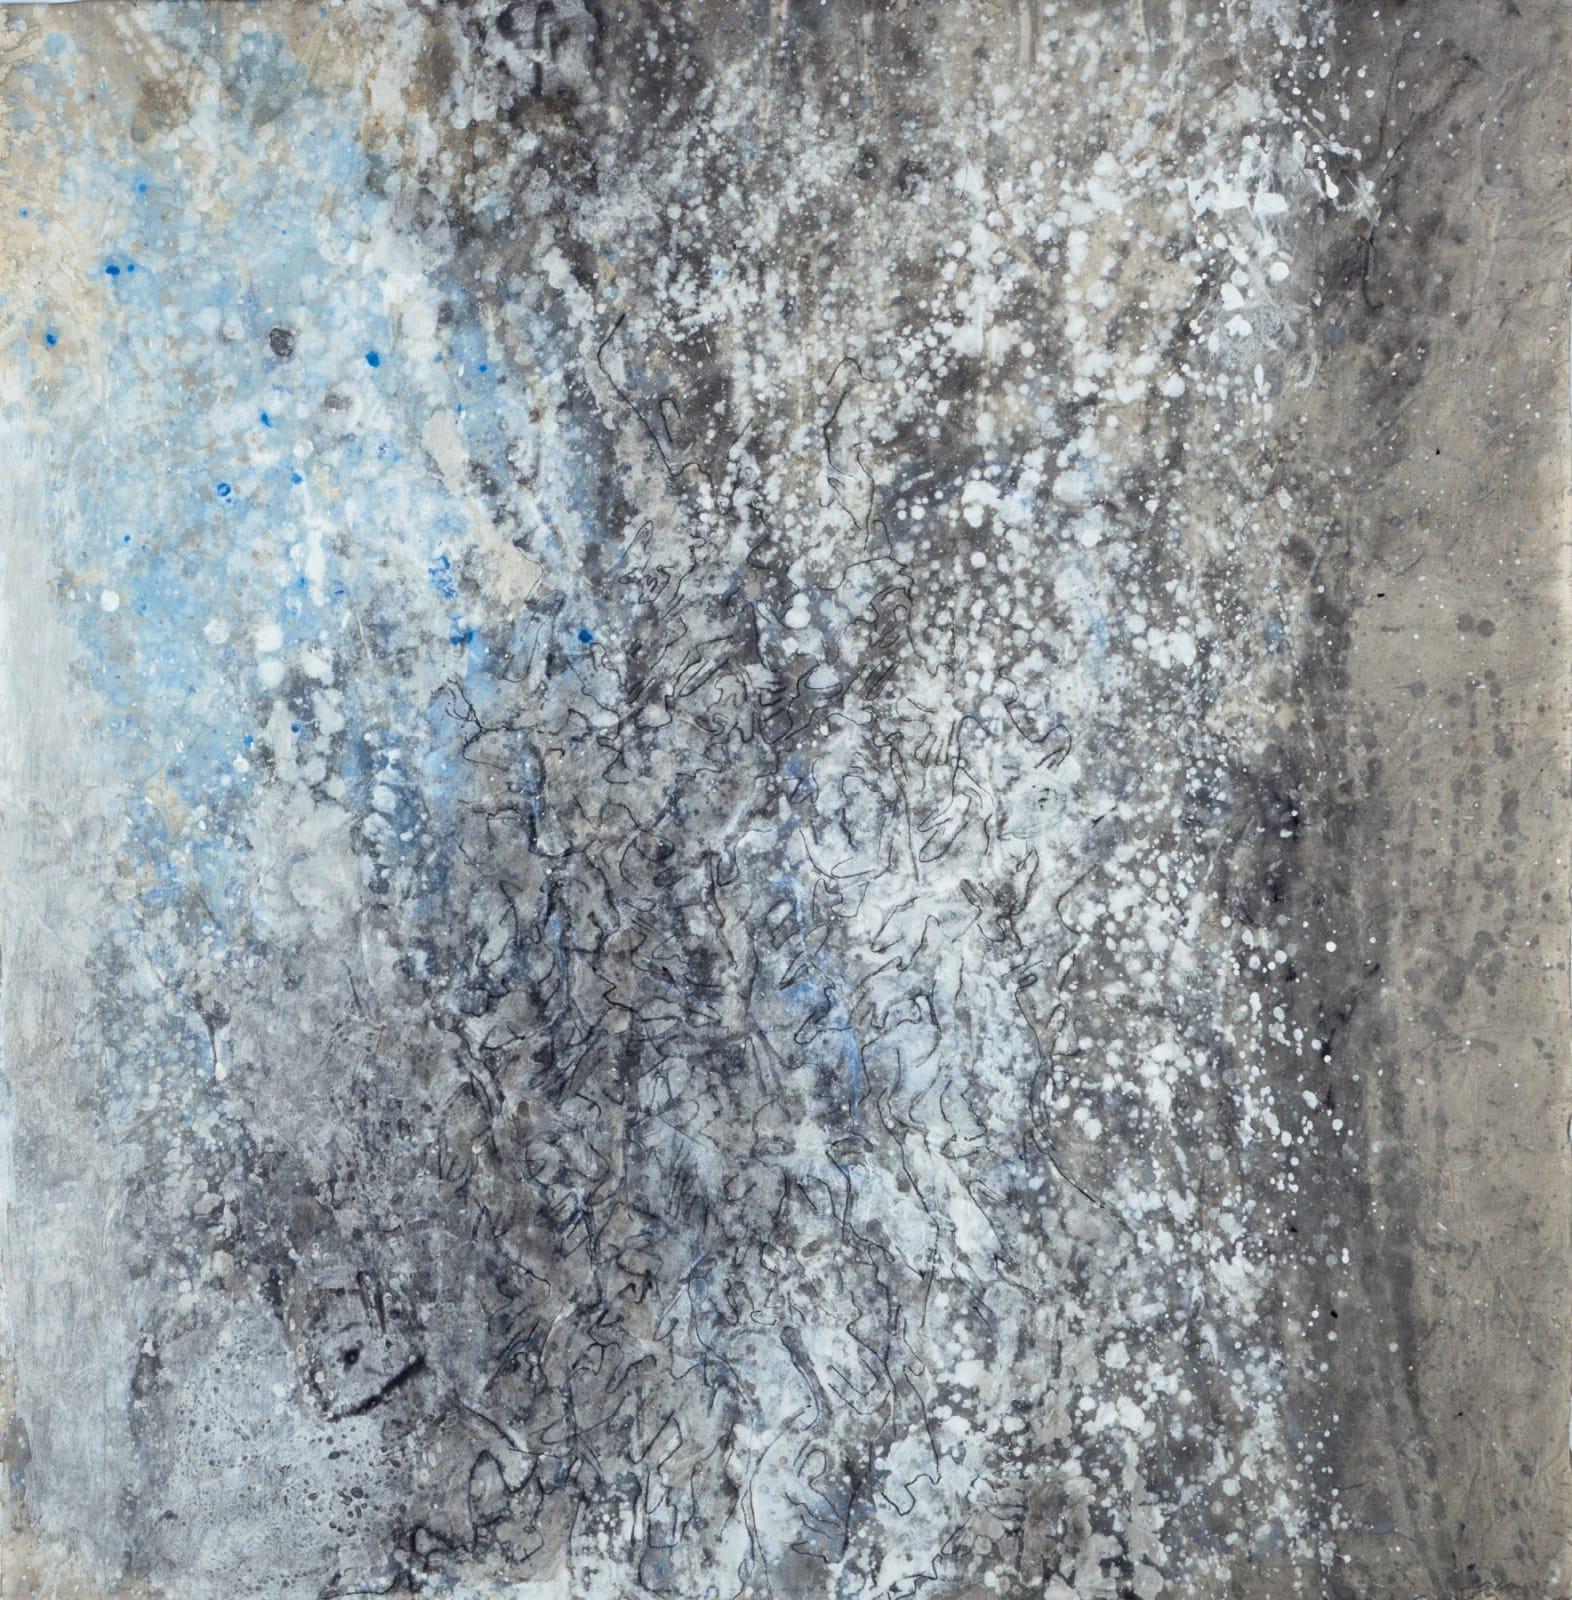 Lalan 謝景蘭, Untitled《無題》, 1993